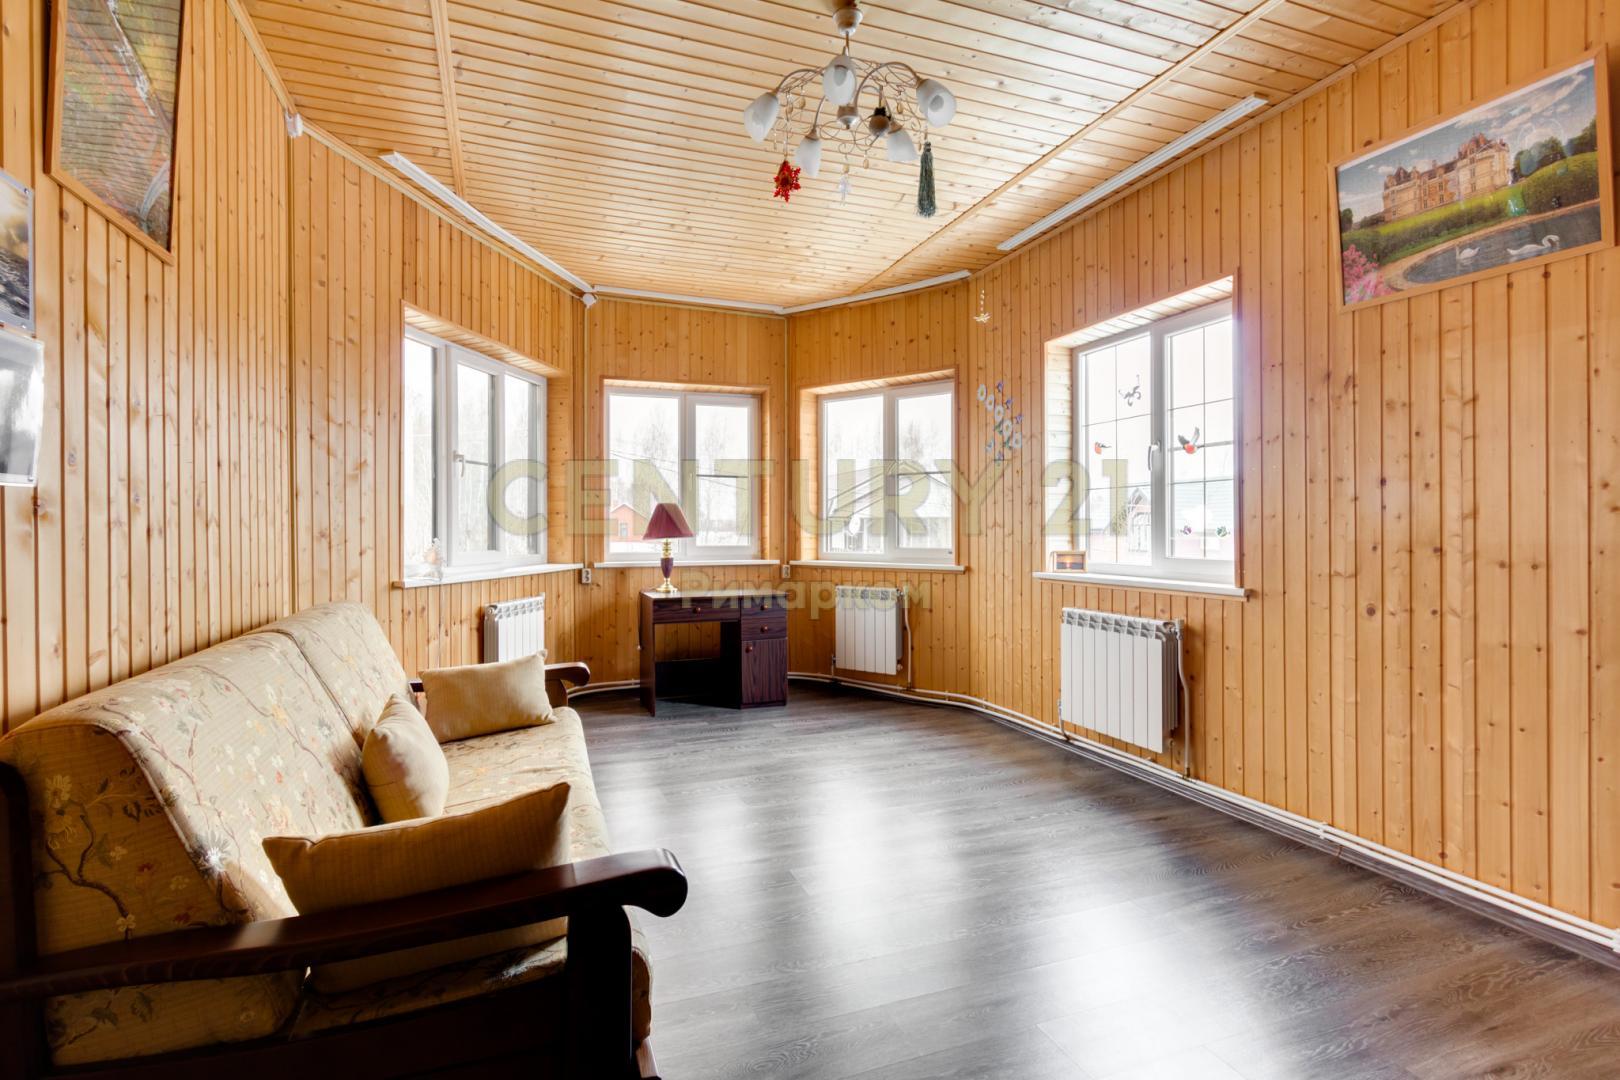 Продам дом по адресу Россия, Троицкий административный округ, Каменка фото 17 по выгодной цене